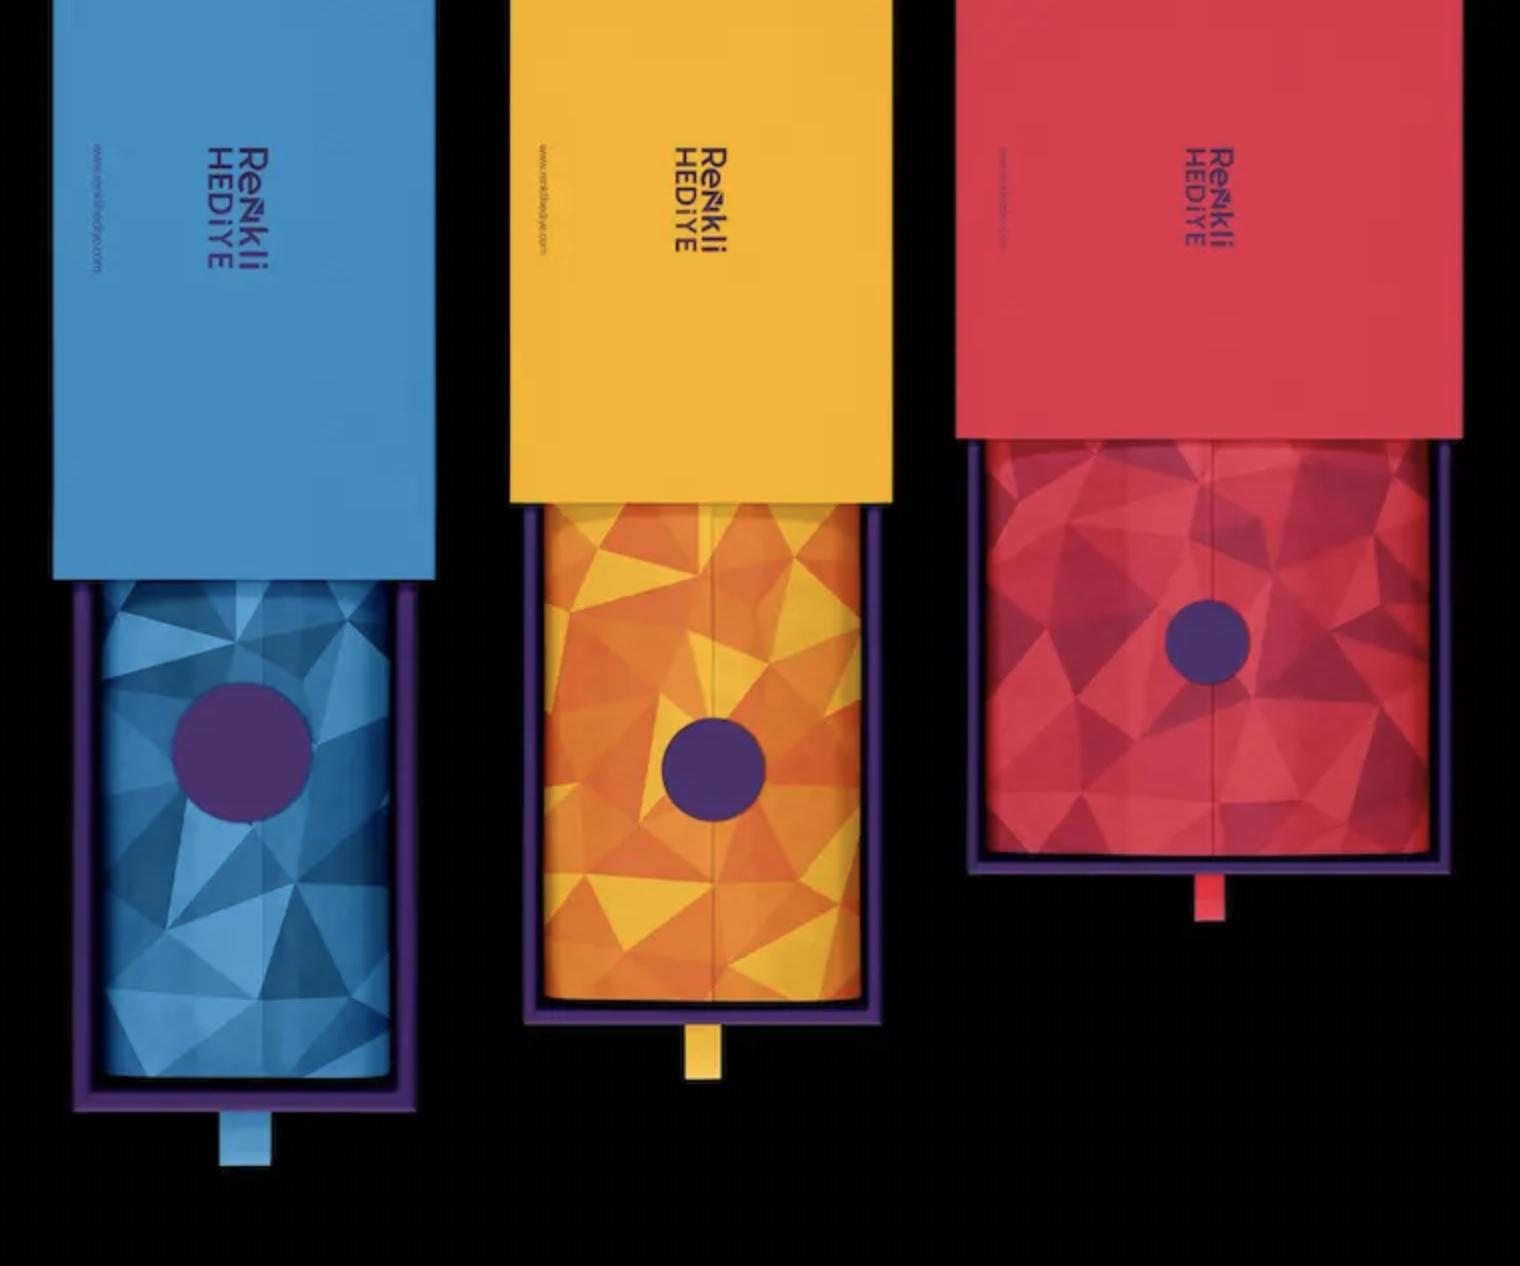 diseño etiquetas geométricas